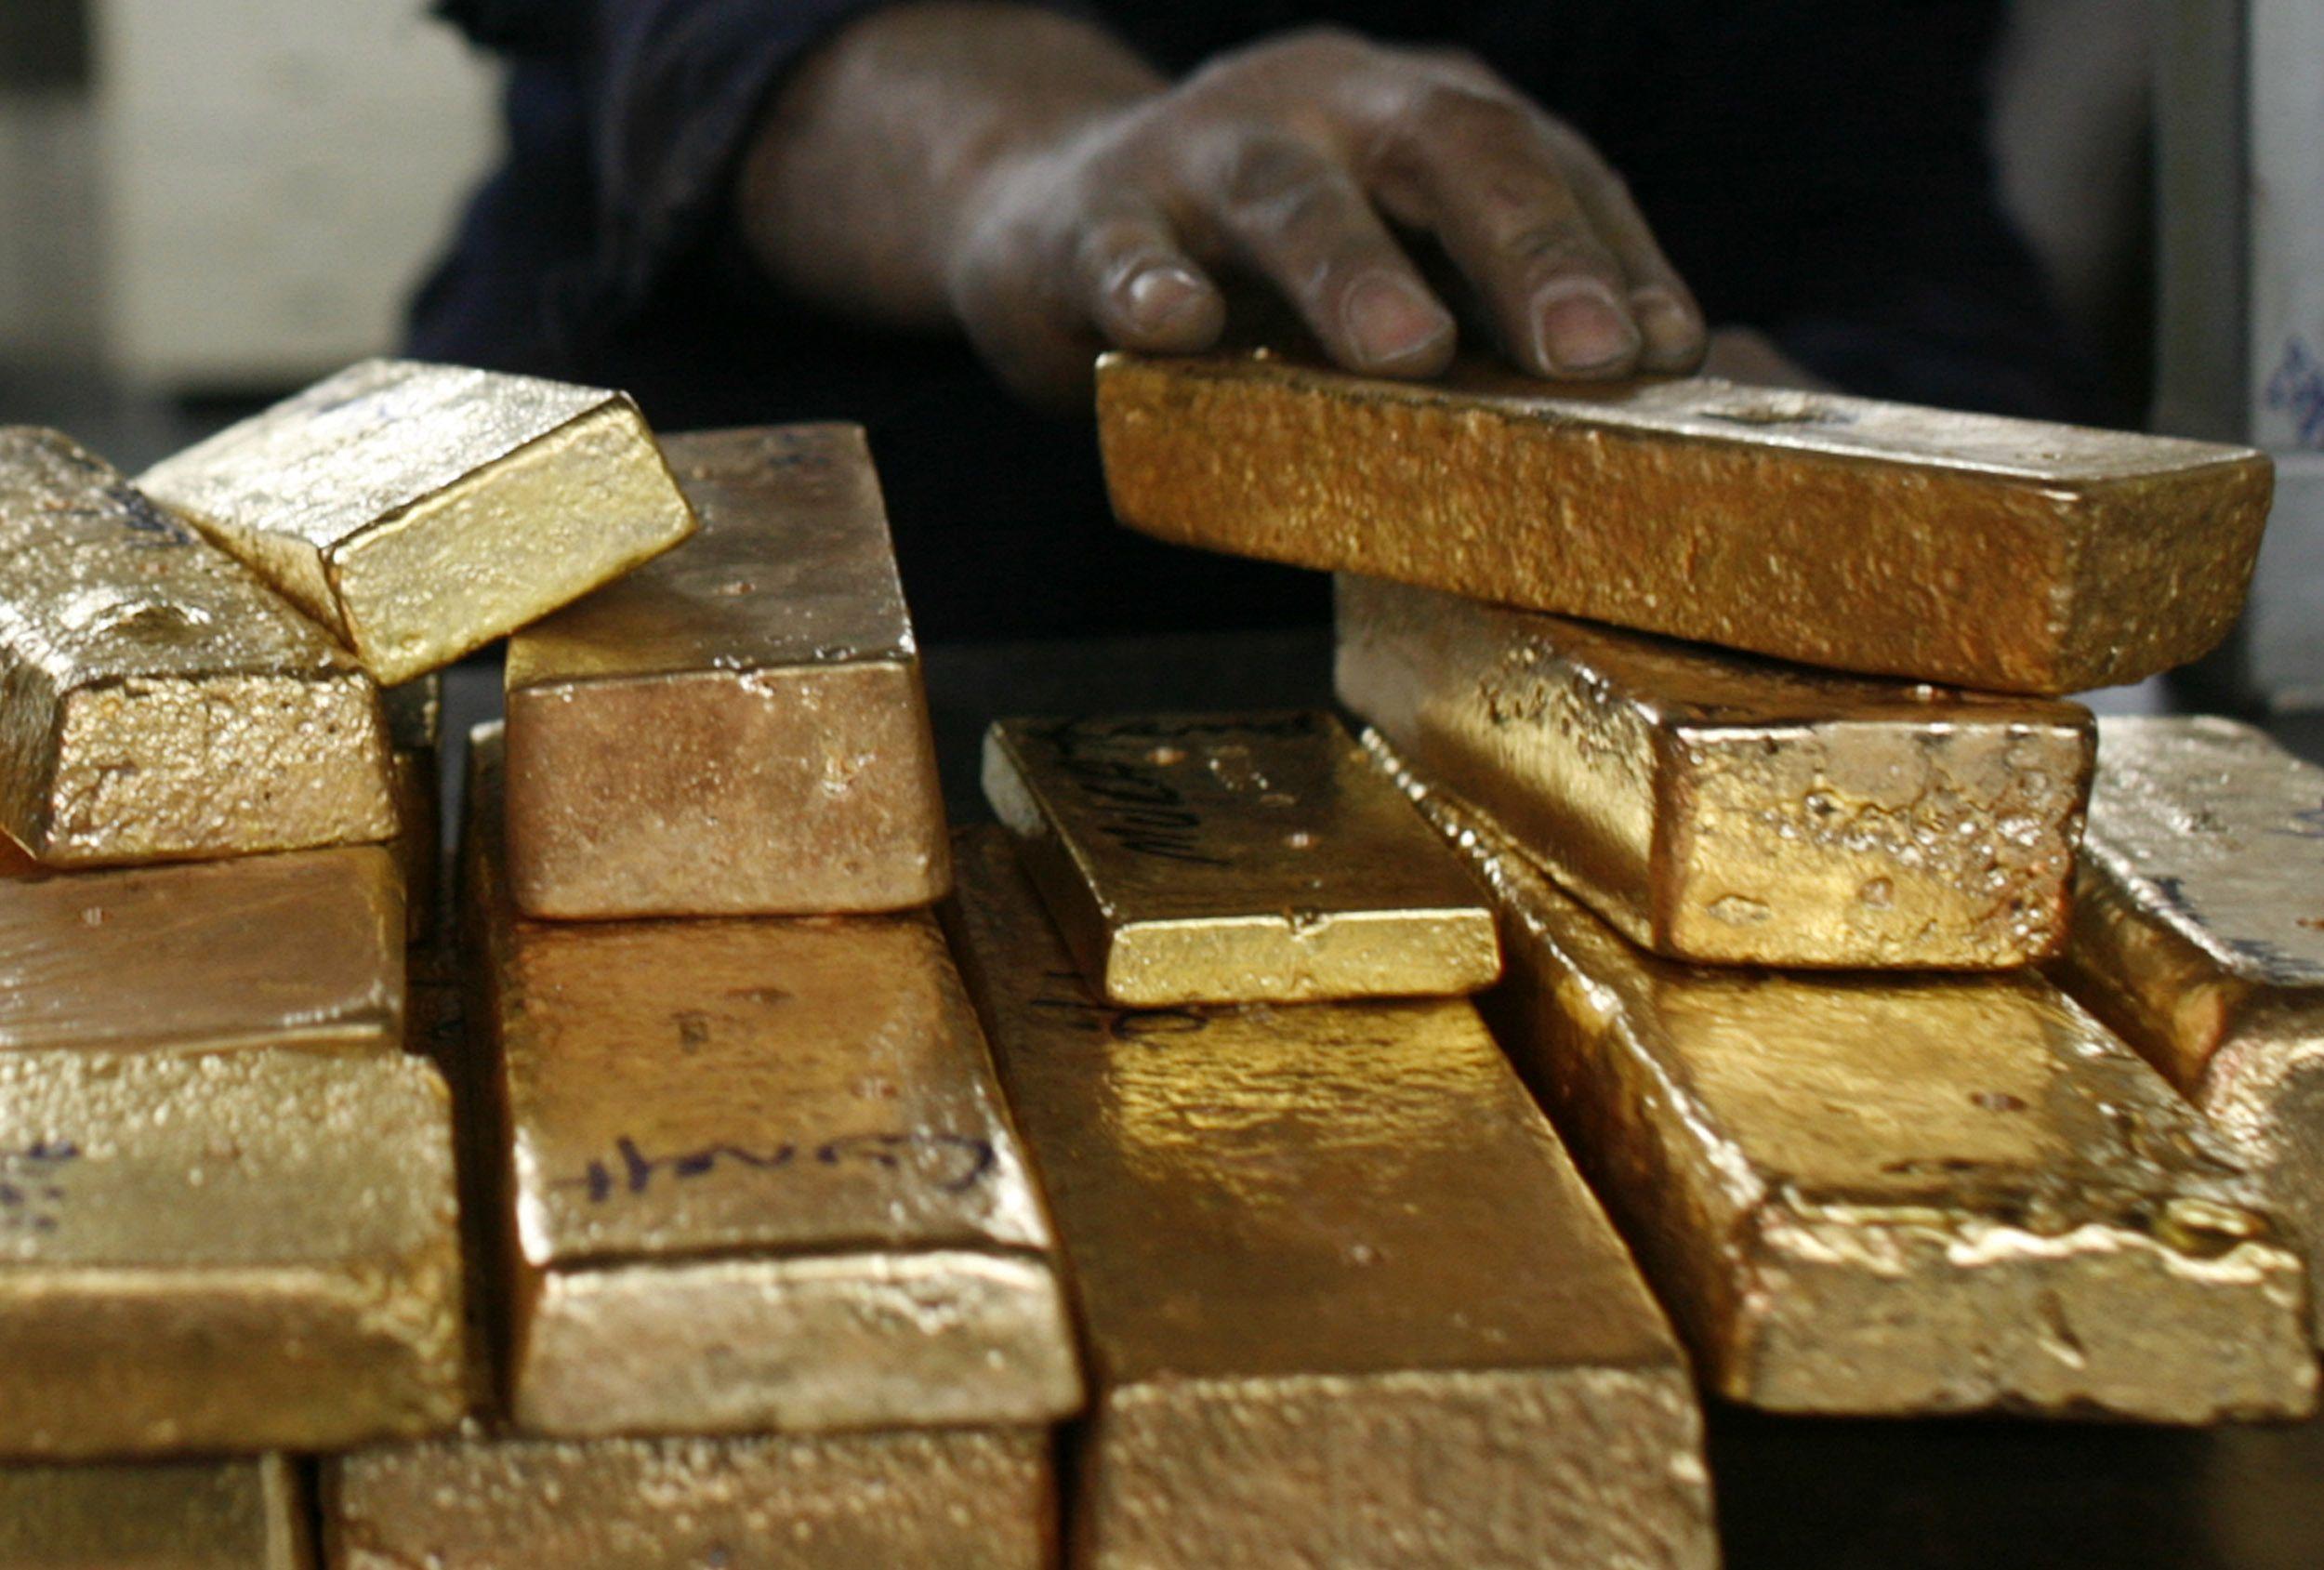 Investuotojai šluoja auksą, ima ir už juvelyrus